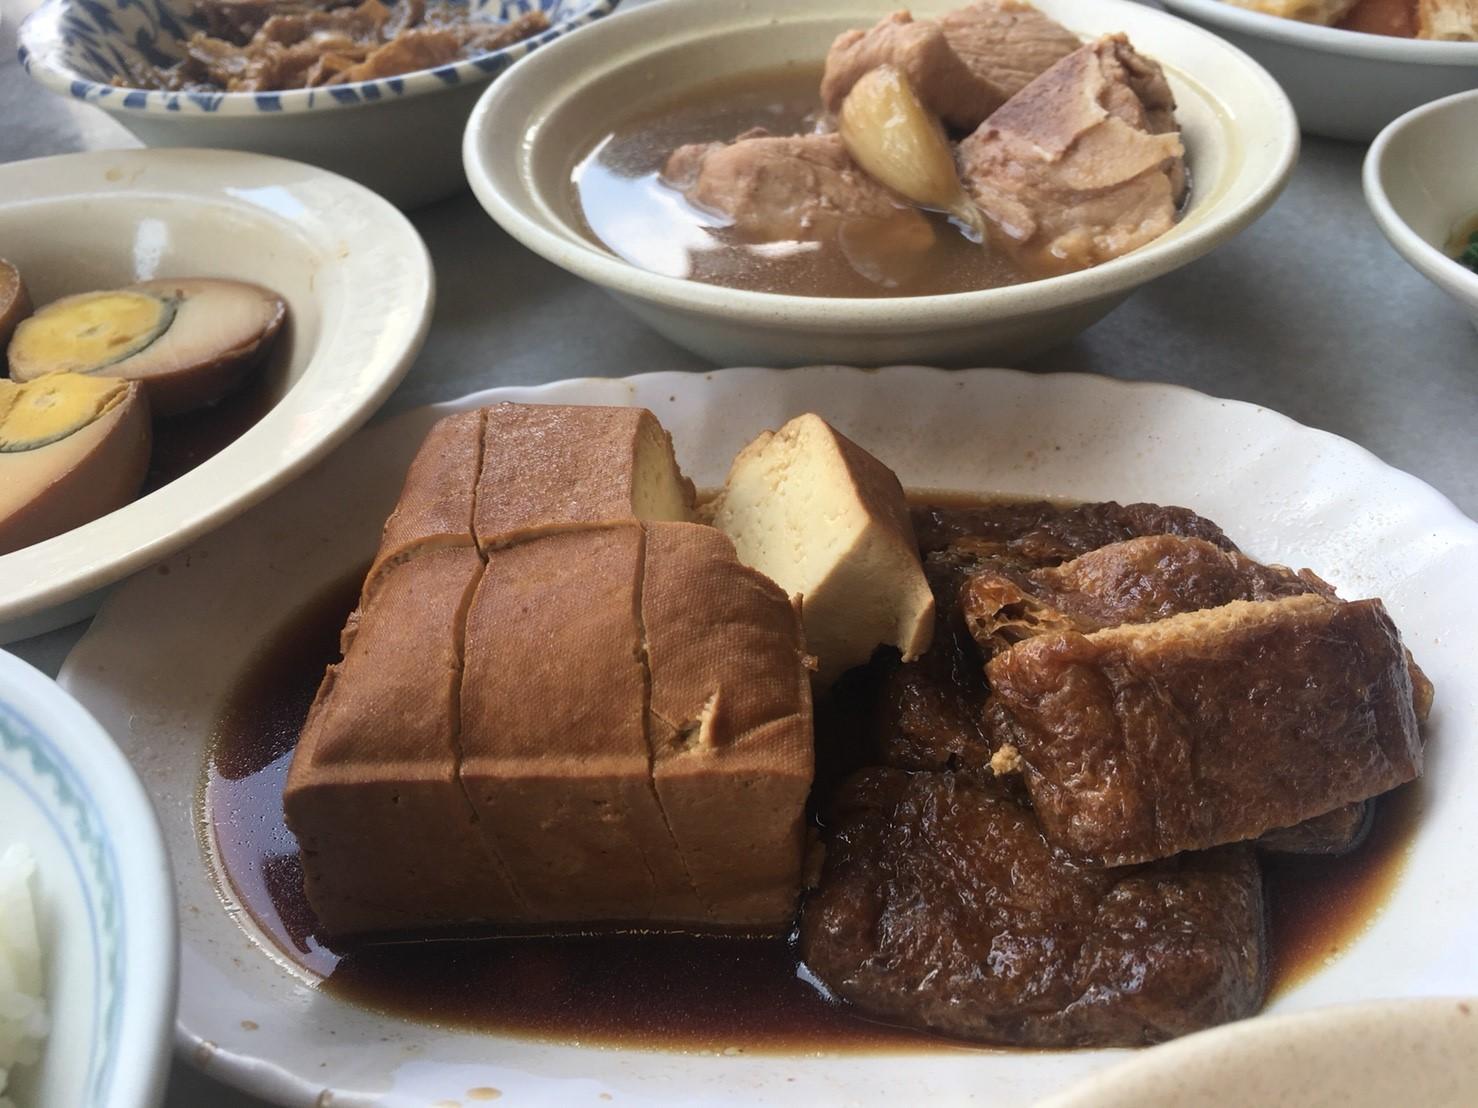 豆干豆ト 油揚げと乾燥したお豆腐を甘辛いソースで味付けした副菜